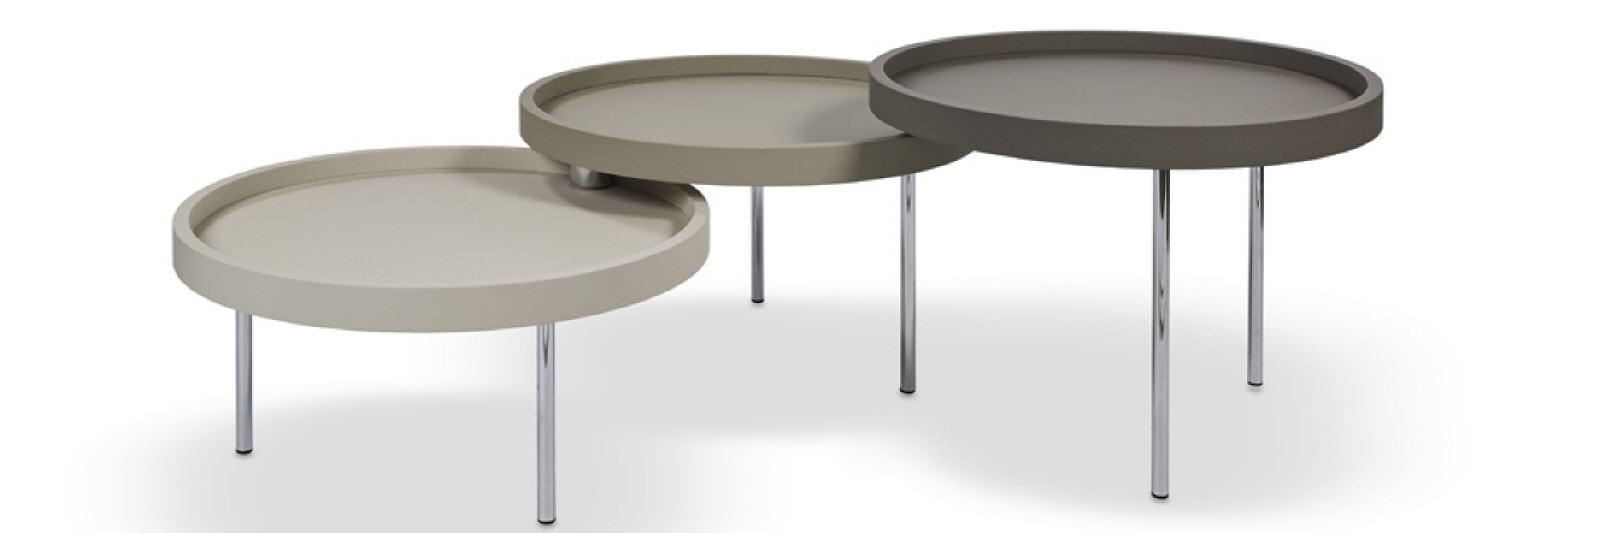 zachen grange fachh ndler raumausstatter heide. Black Bedroom Furniture Sets. Home Design Ideas